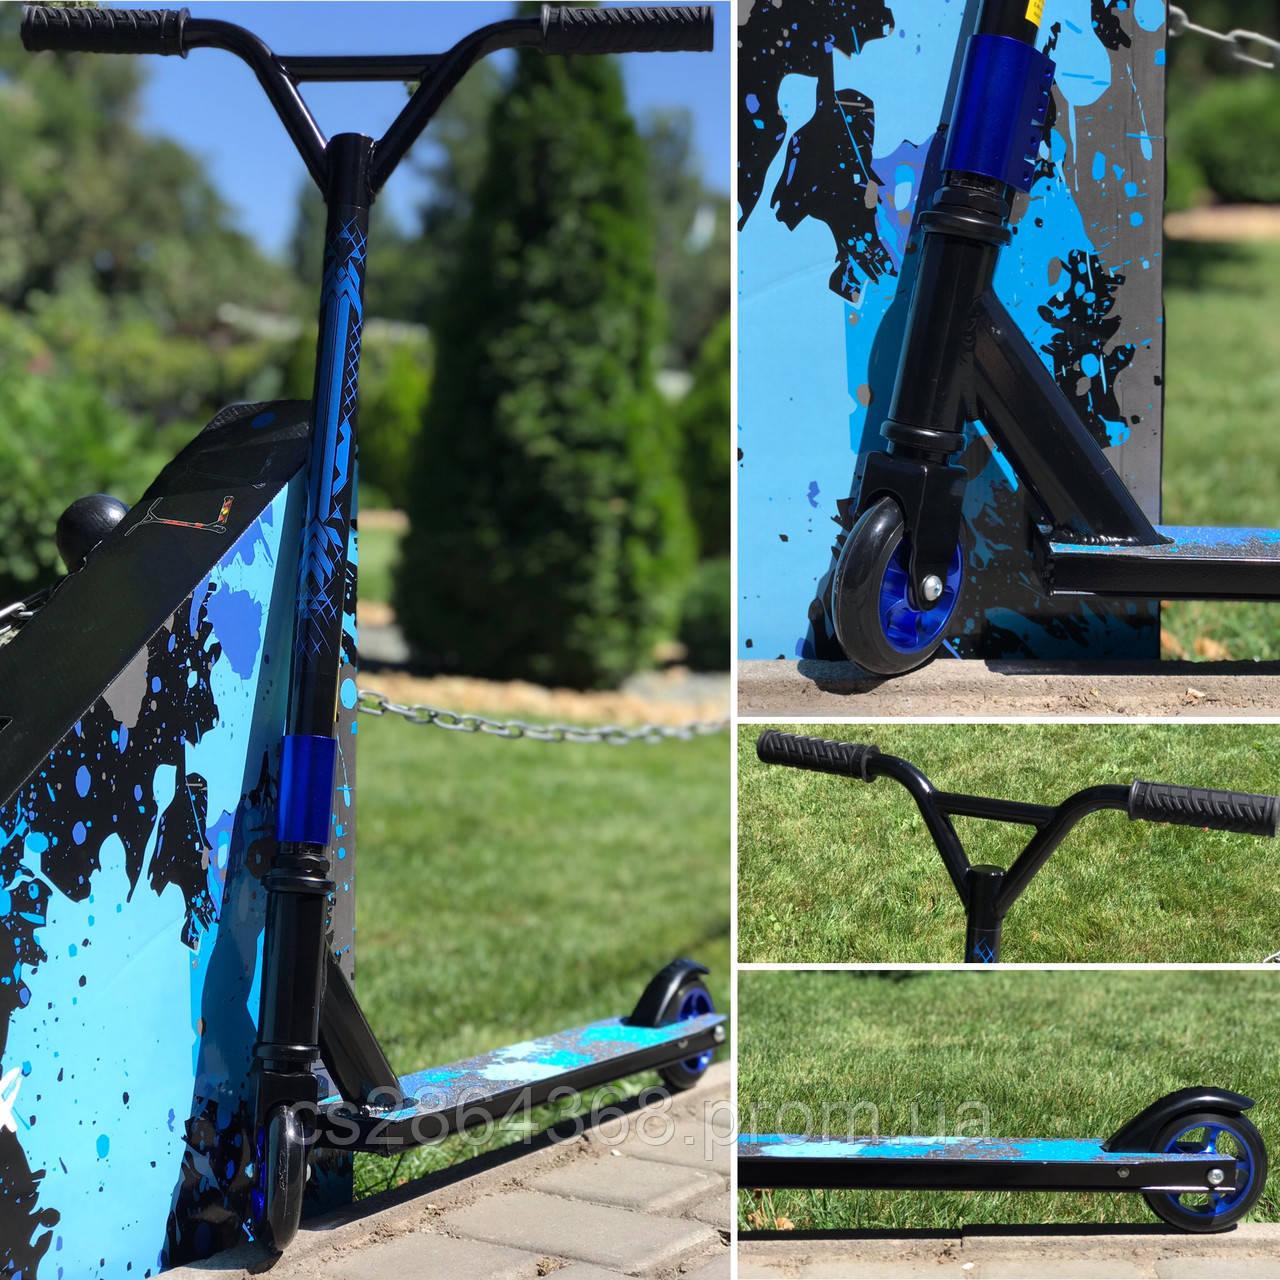 Самокат трюковый Scooter Show Yourself Blue: 5+,  ABEC-11